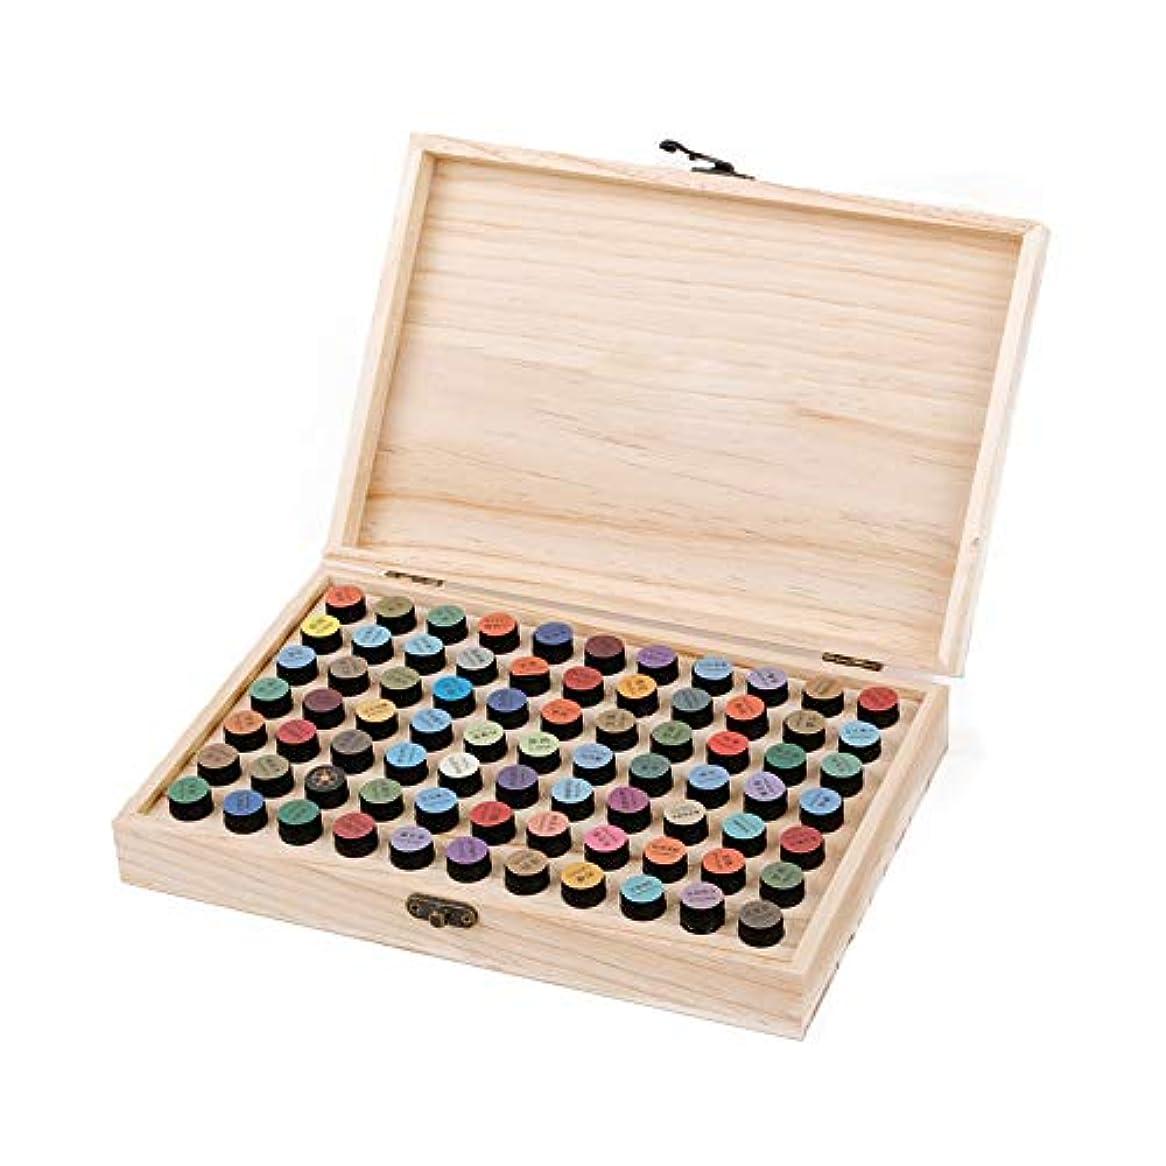 紛争骨折意図的エッセンシャルオイル収納ボックス 2ミリリットルのエッセンシャルオイル木製収納ボックスあなたの貴重なエッセンシャルオイルを格納するのに適した77個のスロット 丈夫で持ち運びが簡単 (色 : Natural, サイズ :...